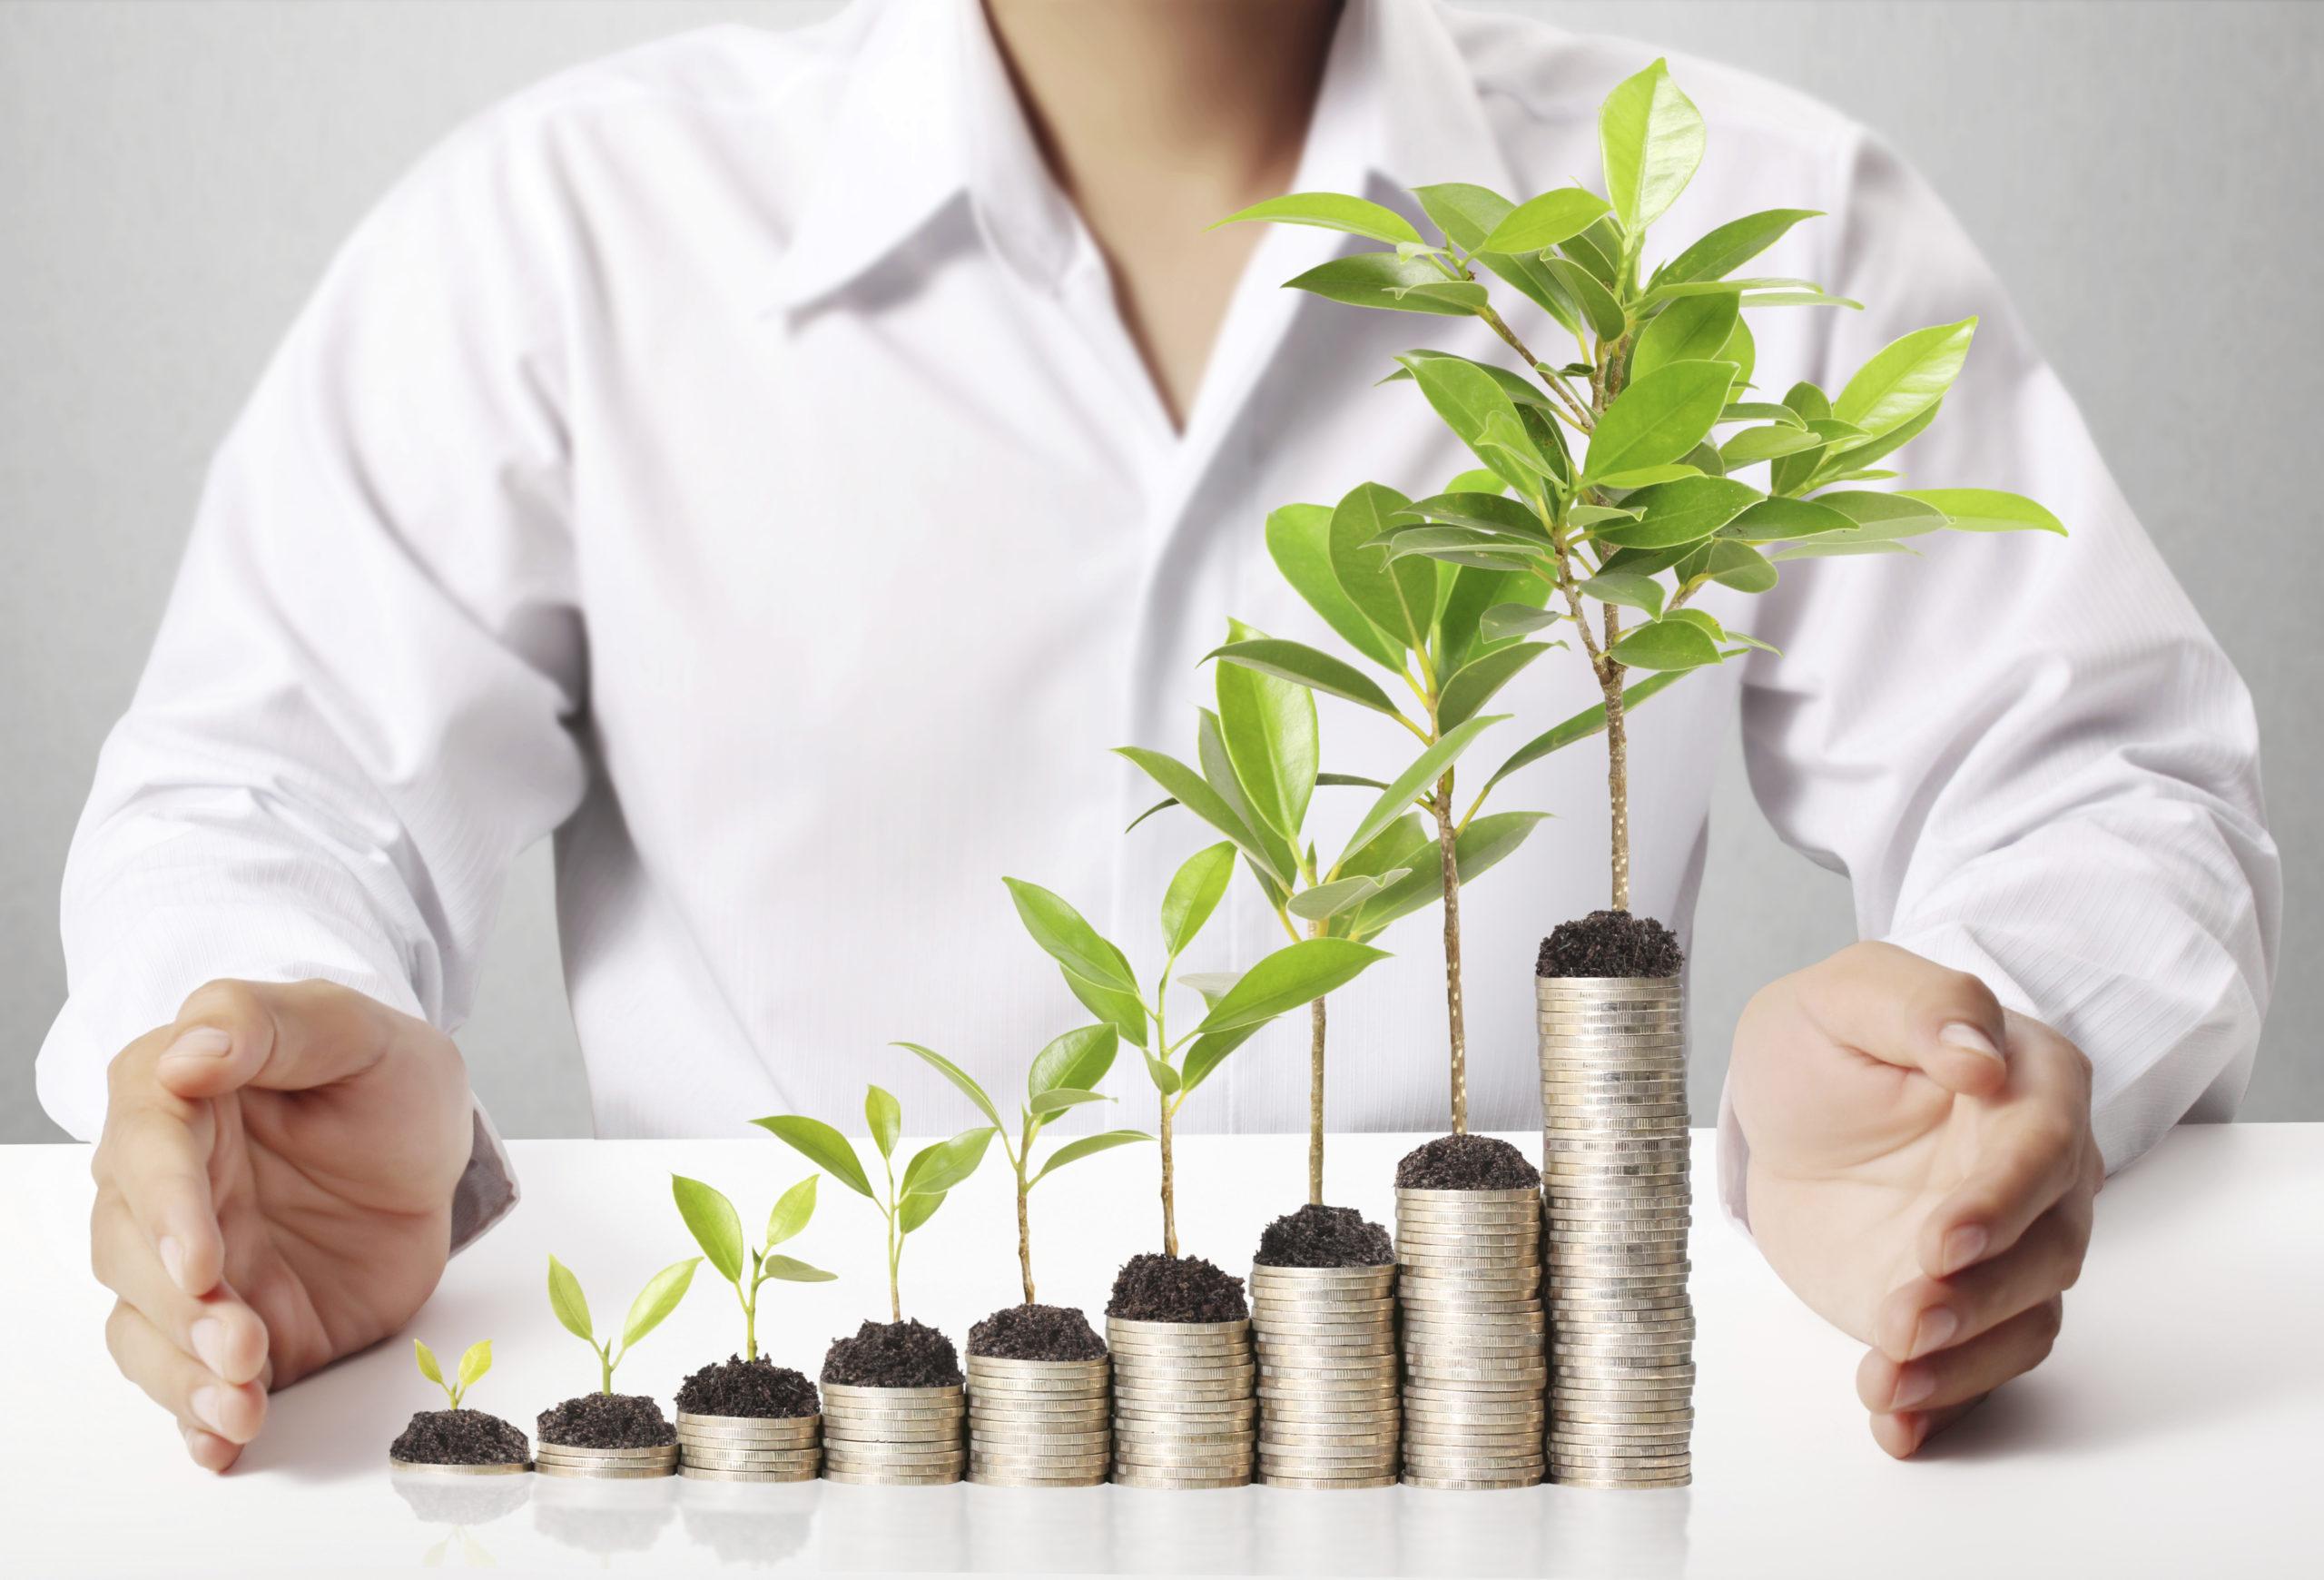 ВТБ начал прием заявок по возобновляемой программе для бизнеса ФОТ 3.0  - новости Афанасий